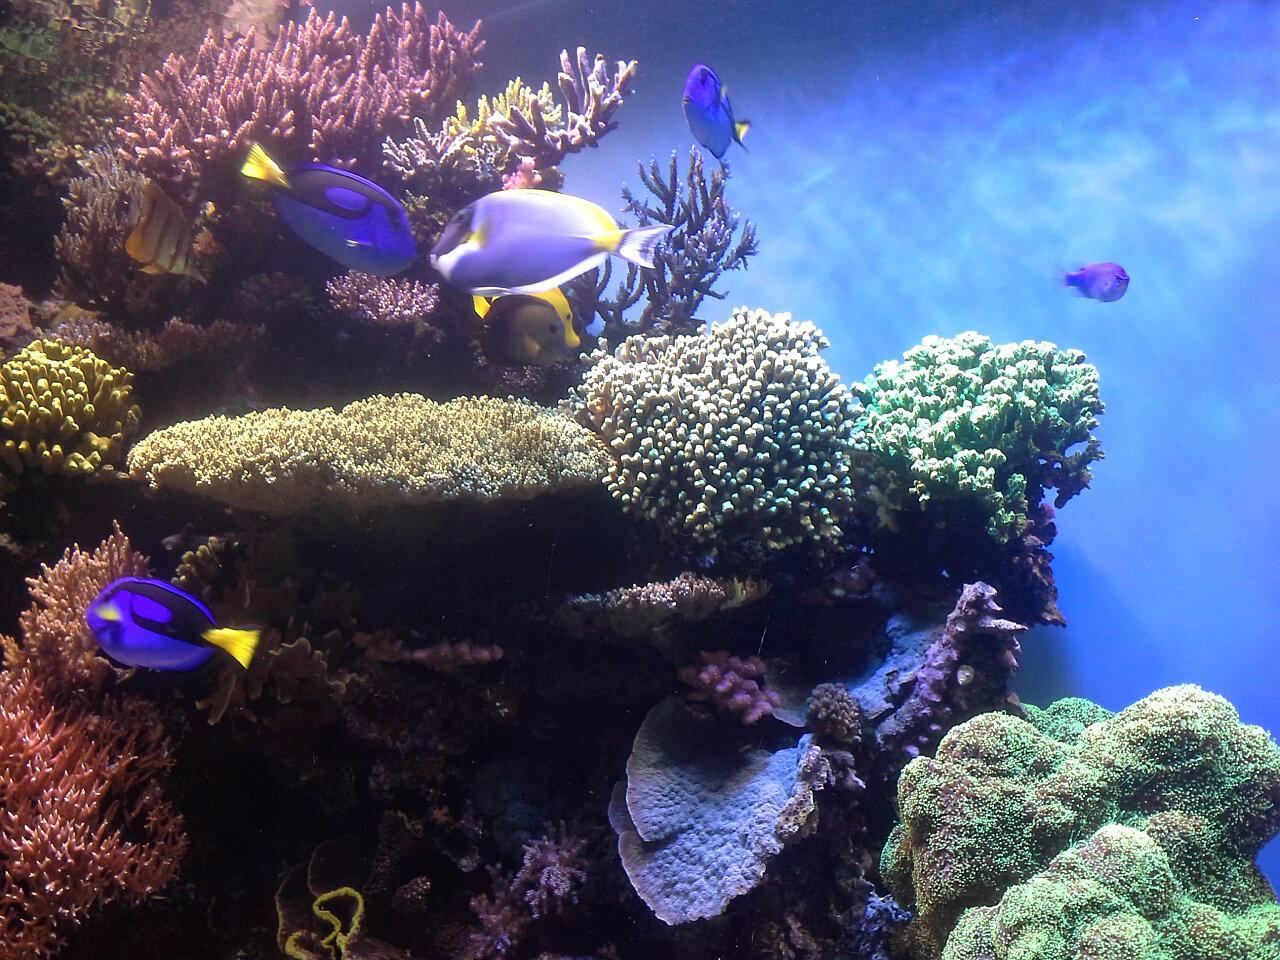 coral-reef-474052_1280.jpg